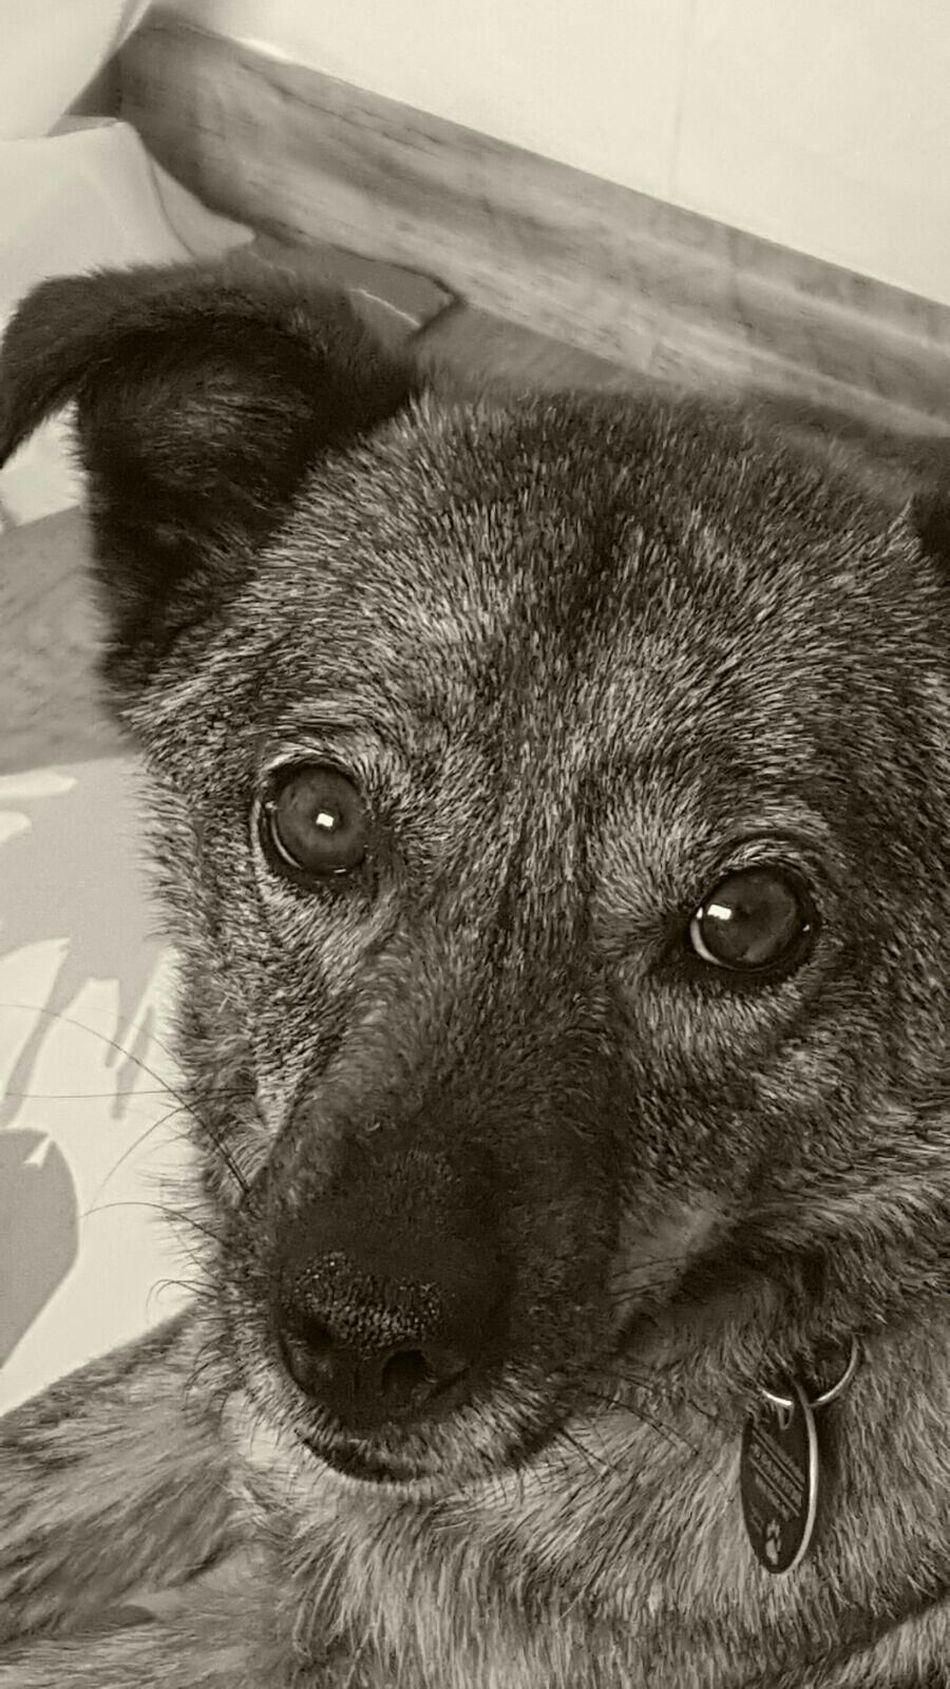 Taking Photos Dogs Of EyeEm DogLove Dog❤ Enjoying Life Dogportrait Dogfofo Dogphotography Eye4photography  Lovelydog  April 2016 Braunschweig